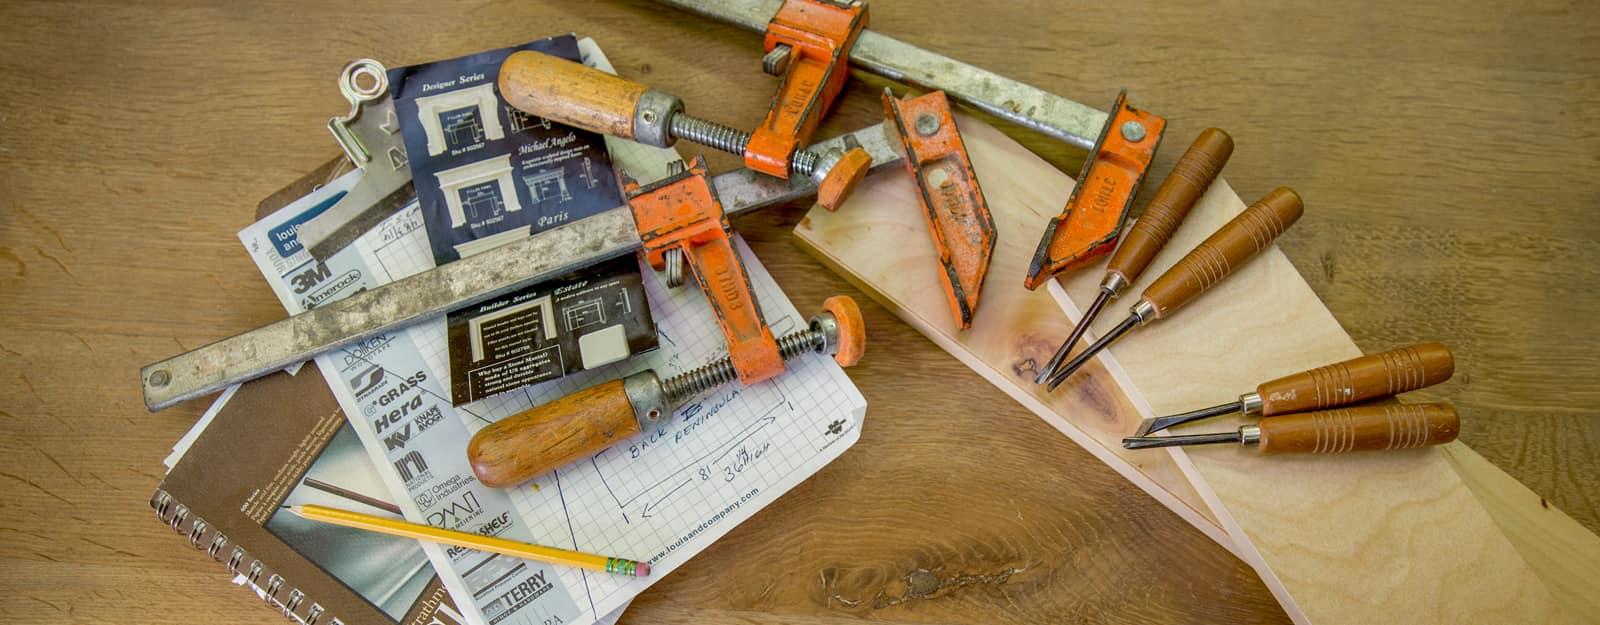 Slider 2 Tools